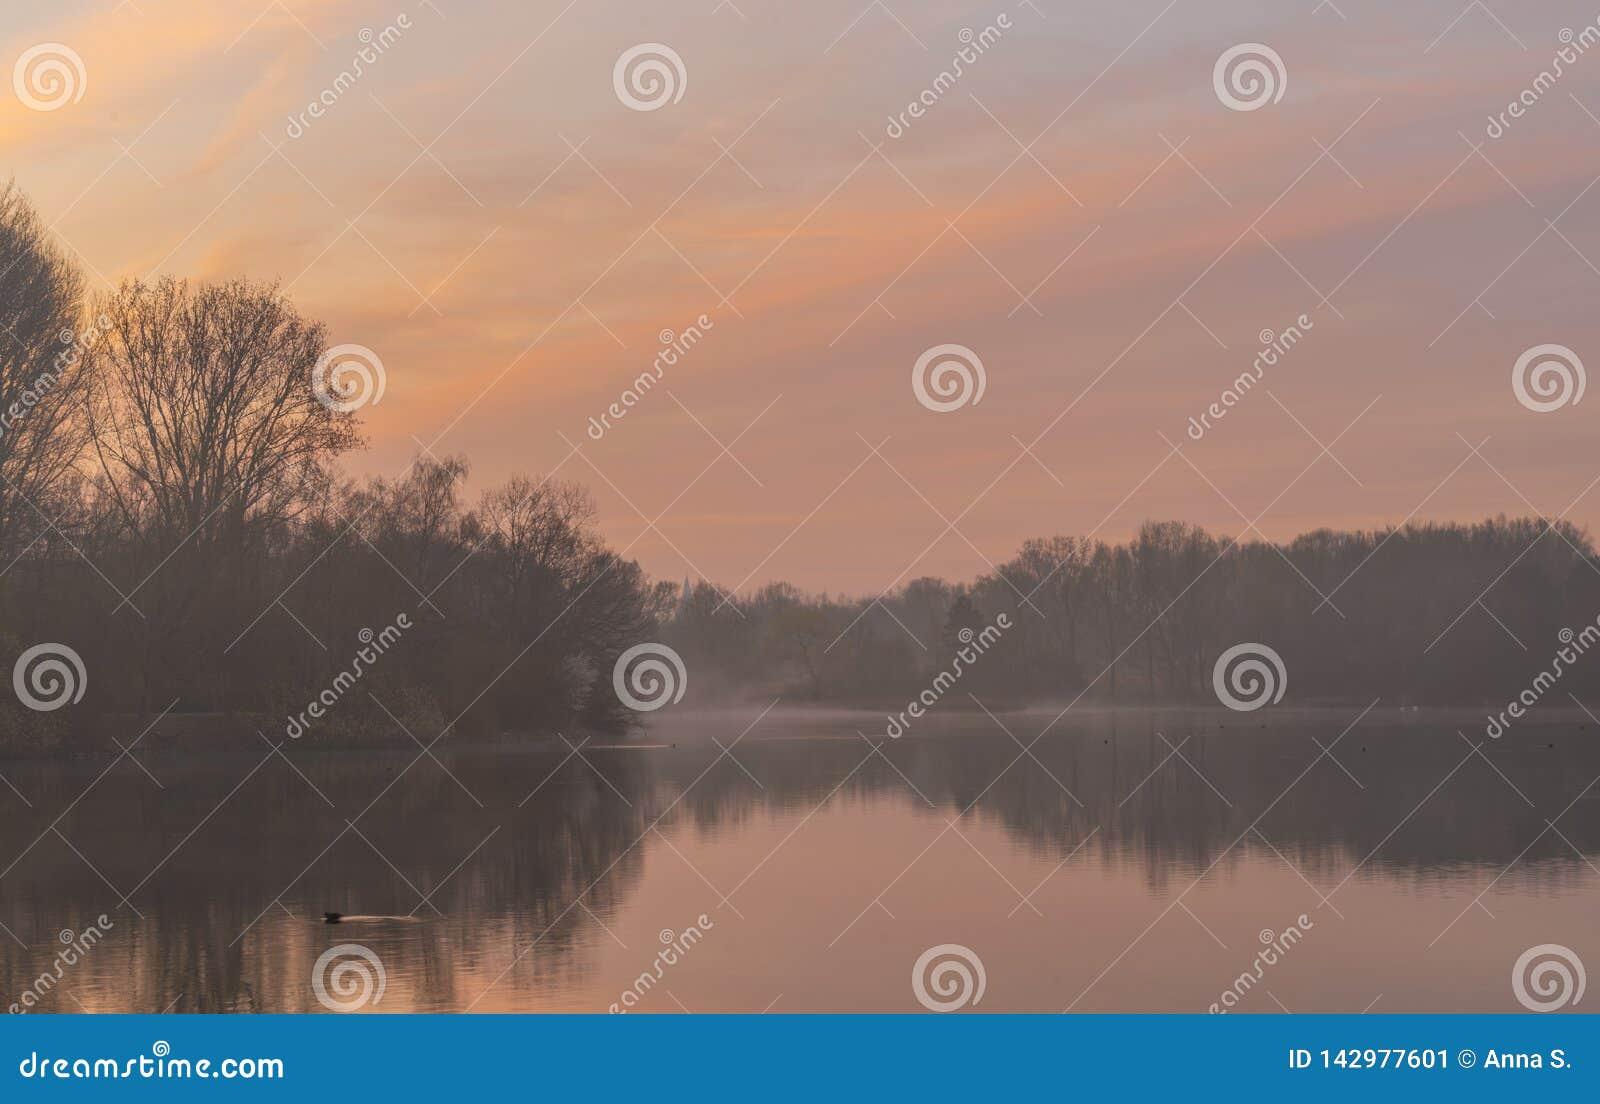 Mistige zonsopgang over meer